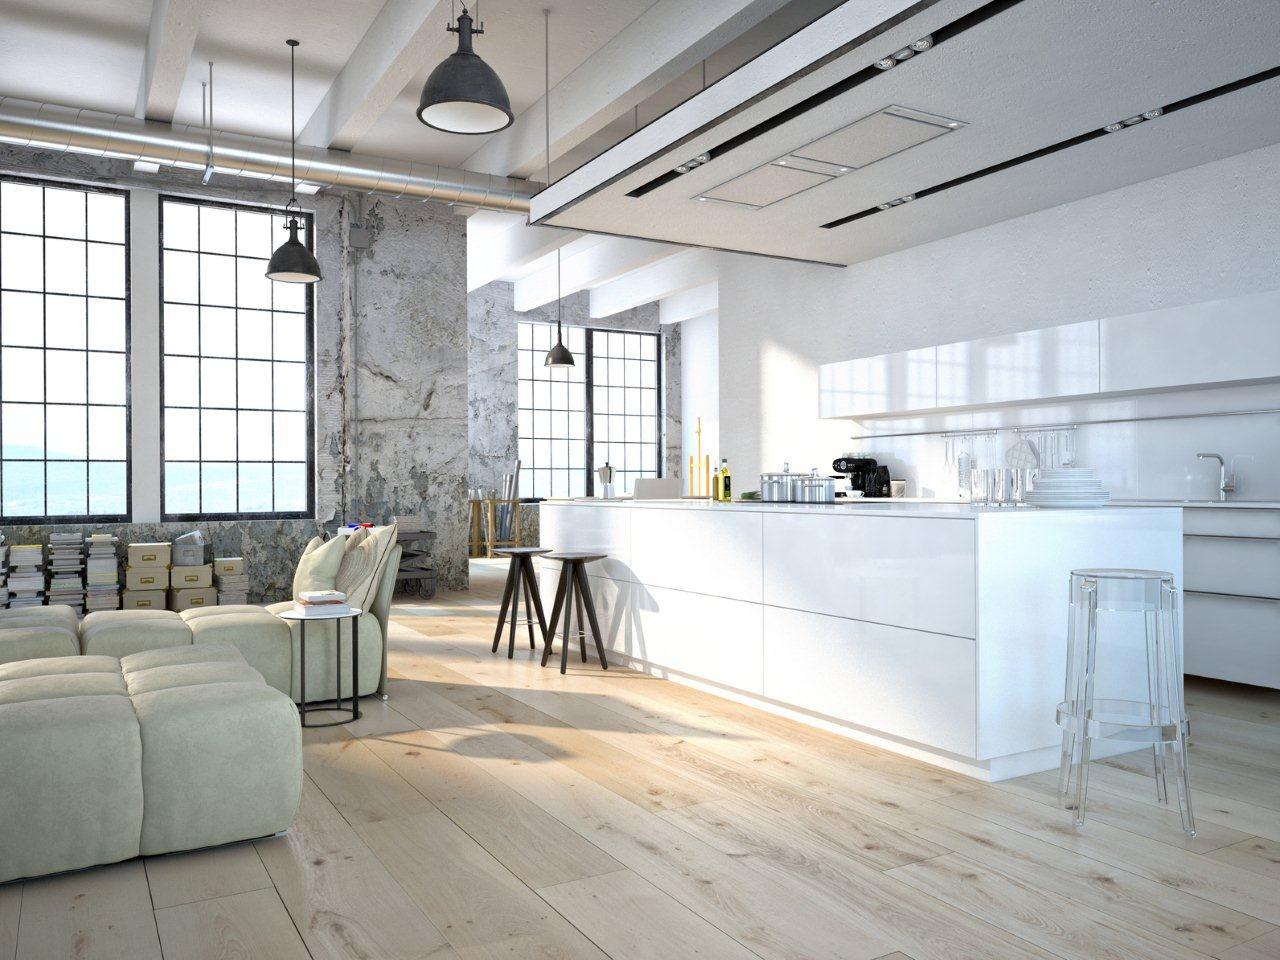 Zwevende Vloer Keuken : fot: Okap Cube Ciarko Design w kuchni industrialnej